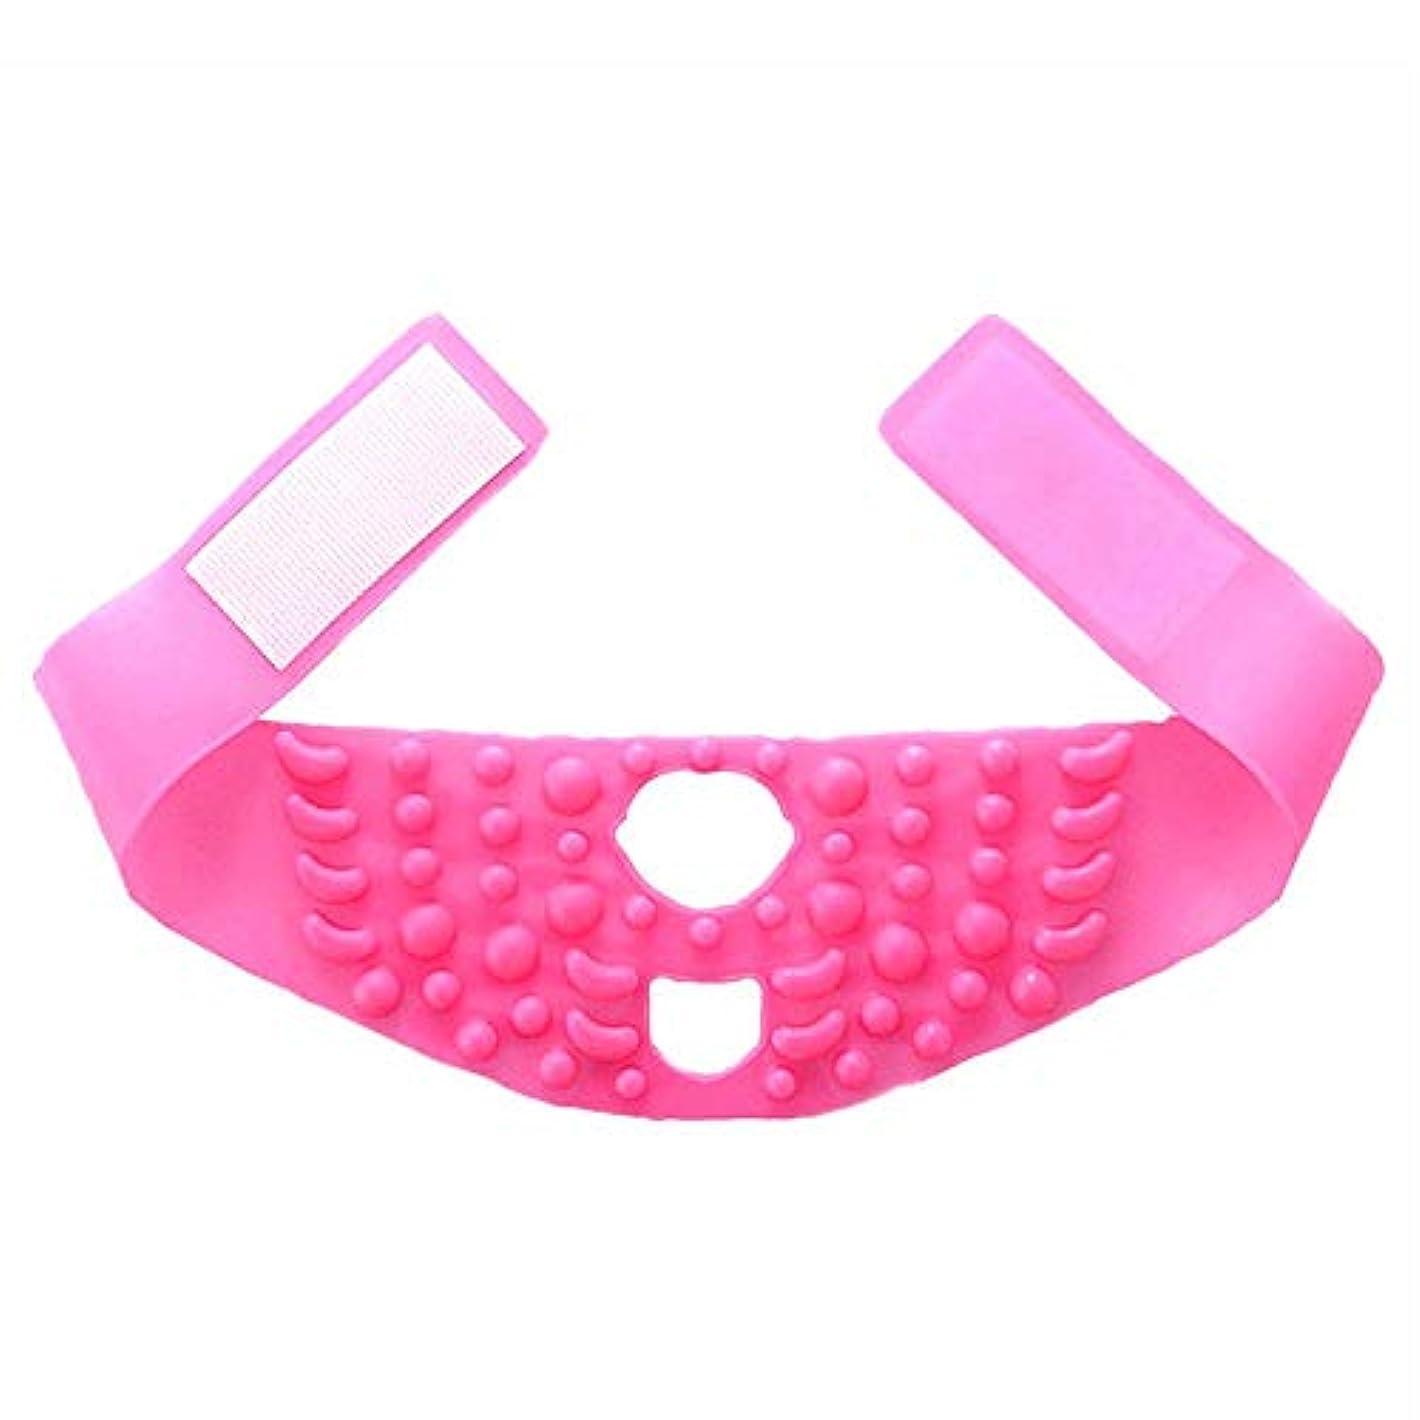 眠っている中毒トレイルMinmin シンフェイスマスクシリコーンマッサージ引き締まった形の小さなVフェイスリフティングに薄いフェイスアーティファクト包帯を飾る - ピンク みんみんVラインフェイスマスク